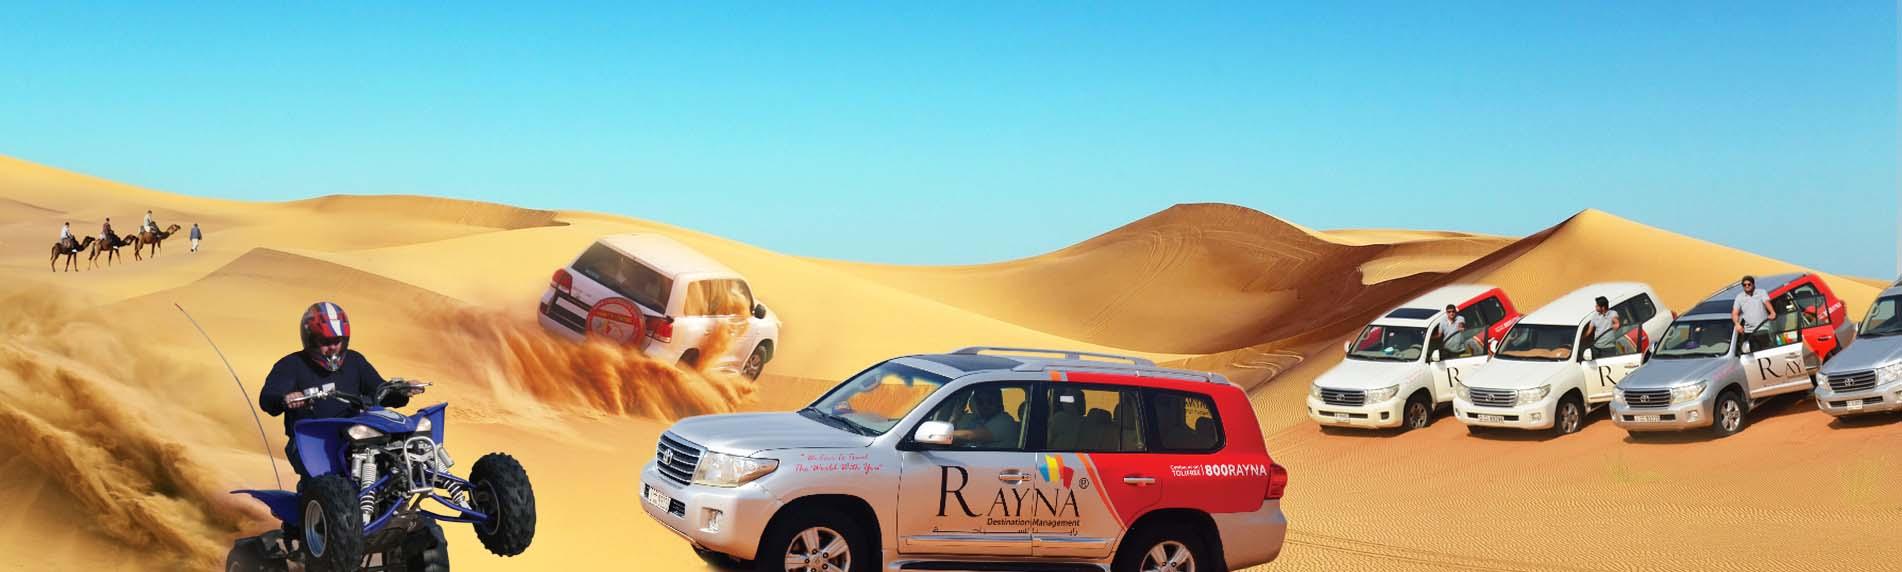 Vũ điệu trên sa mạc tại Các tiểu vương quốc Ả Rập - Ảnh 7